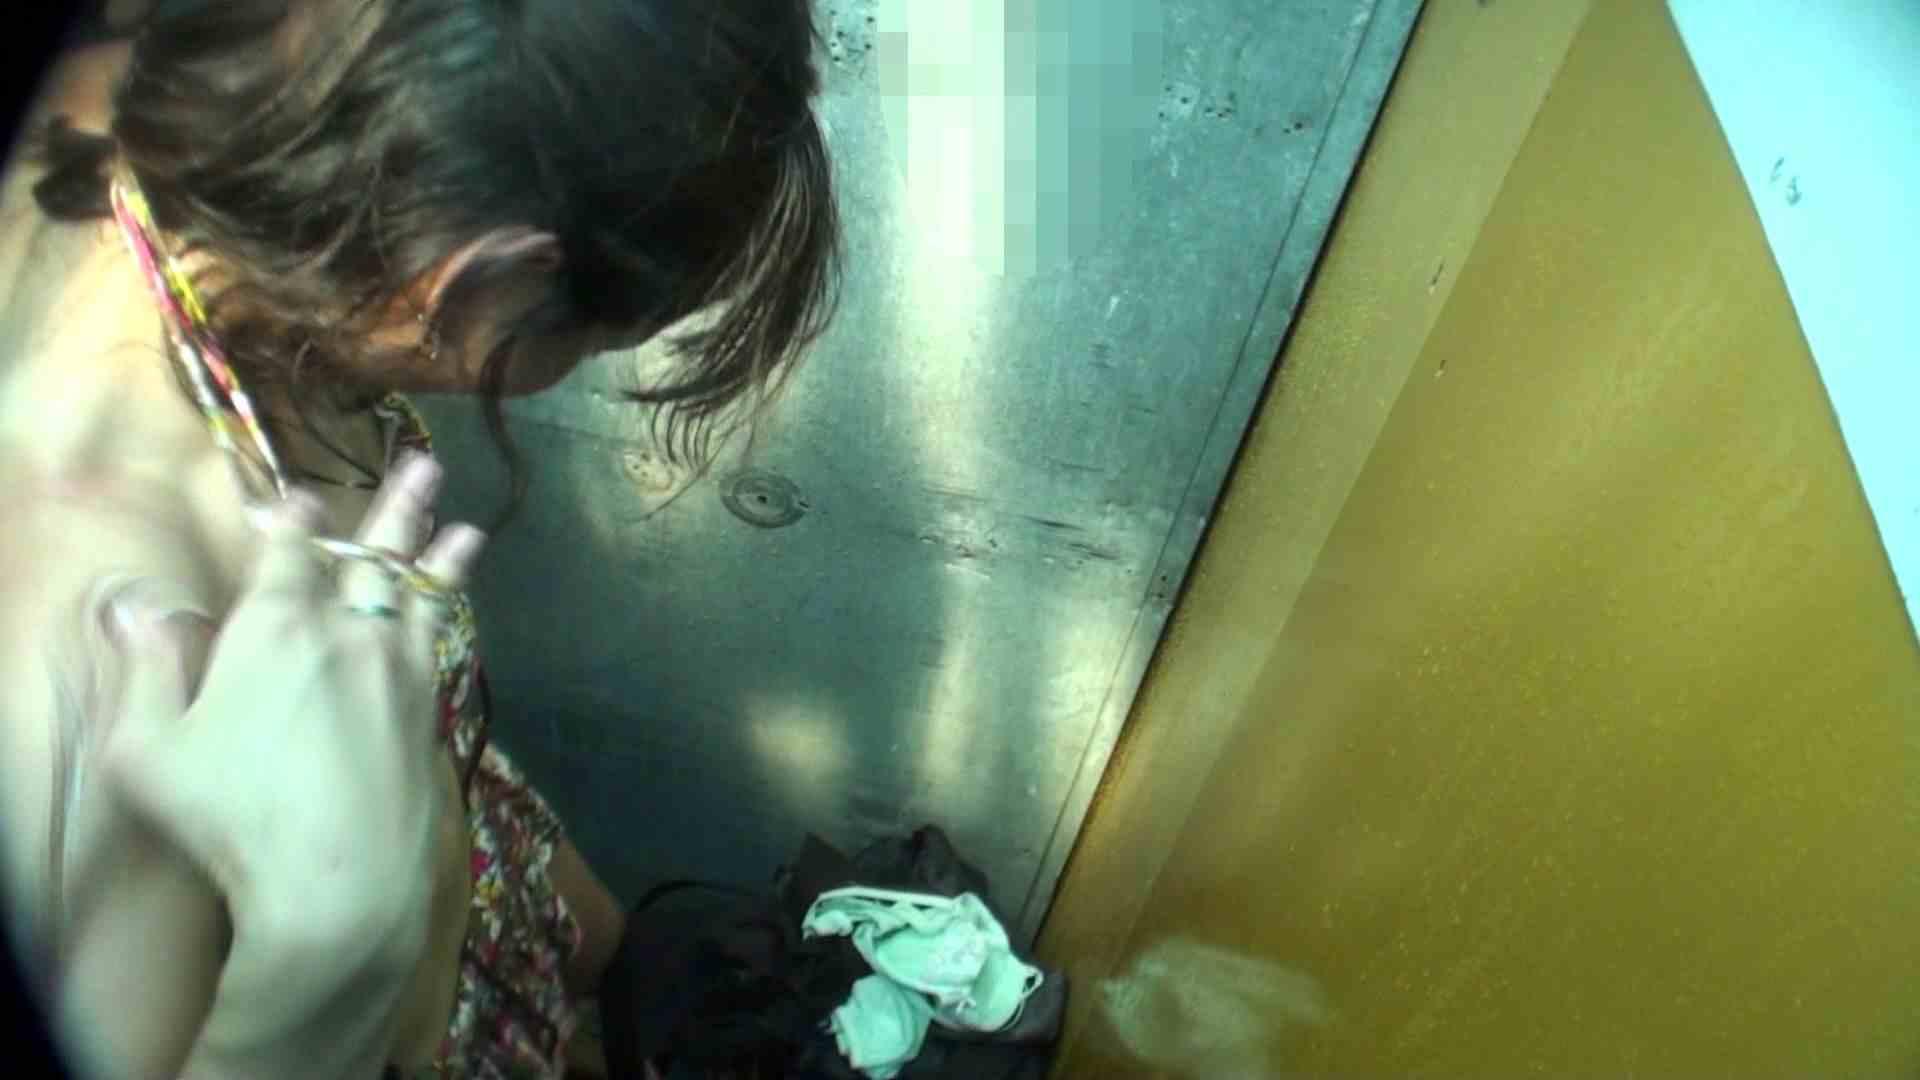 シャワールームは超!!危険な香りVol.16 意外に乳首は年増のそれ 高画質 のぞき濡れ場動画紹介 61pic 23